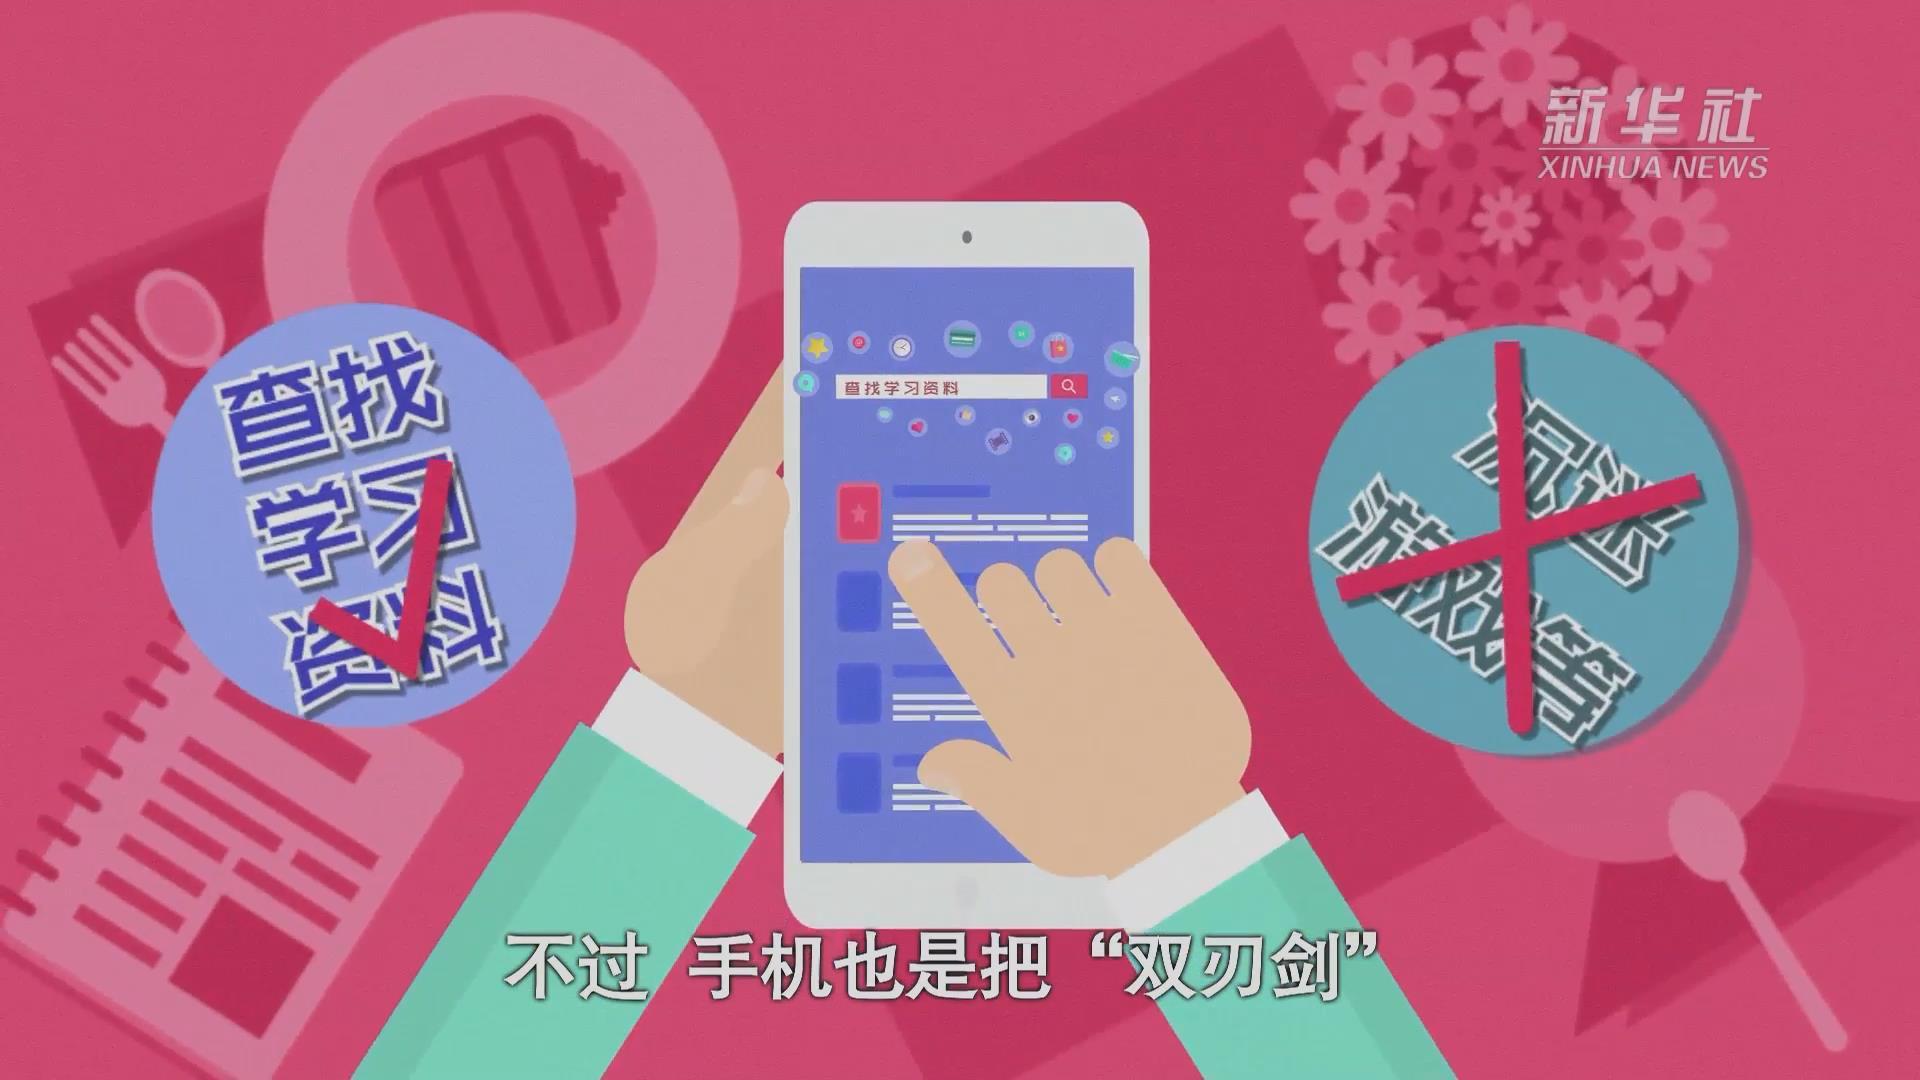 寒假來了,小學生如何正確使用手機